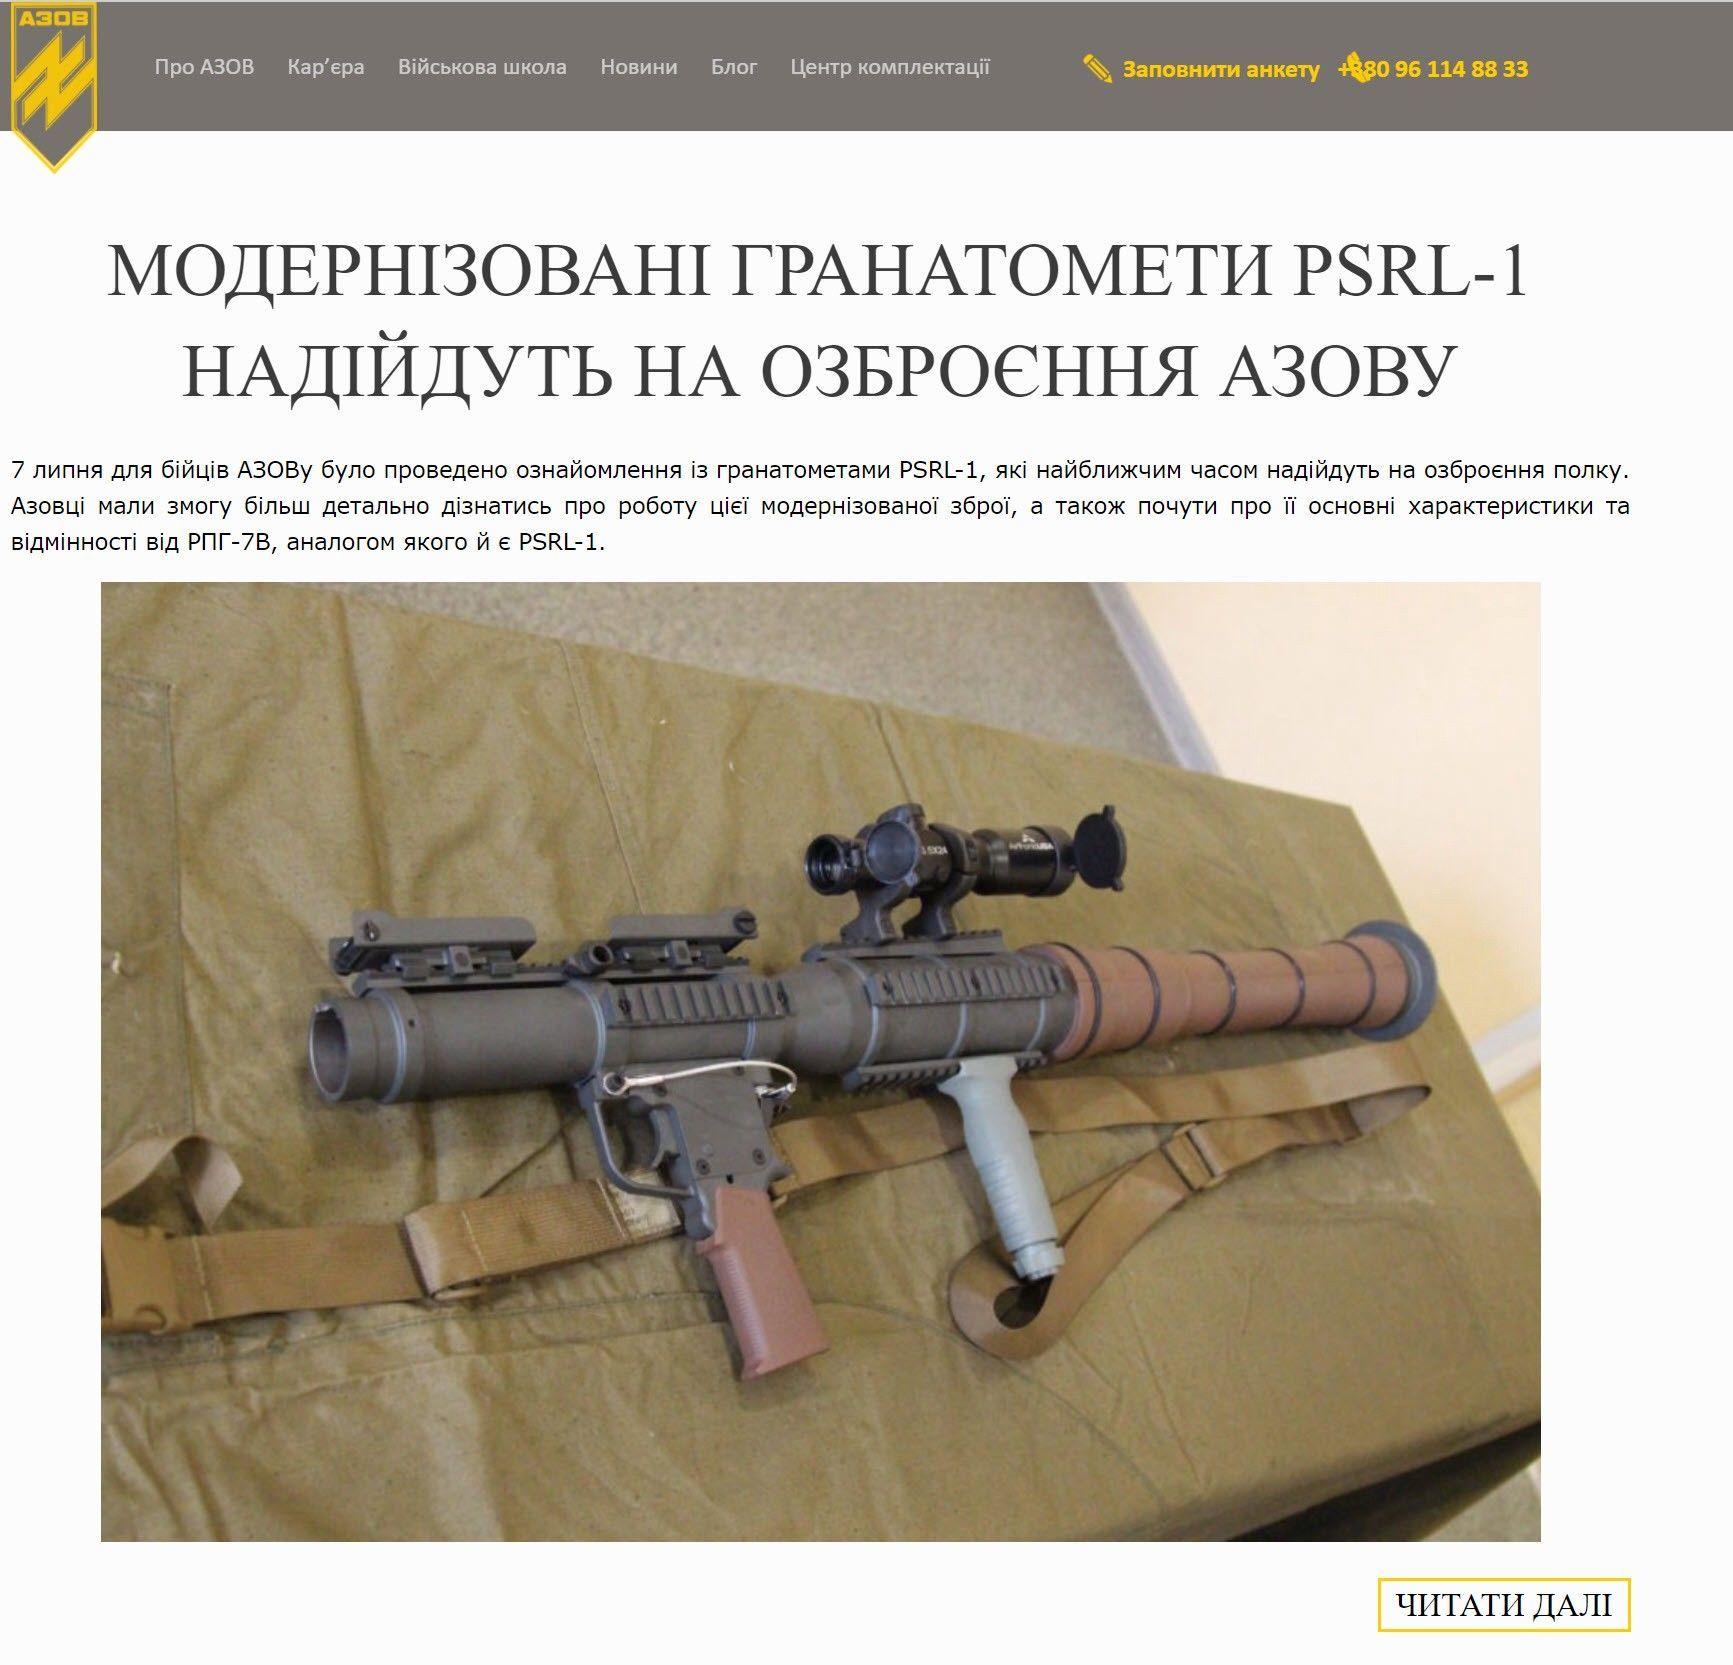 Азов і американська зброя_2